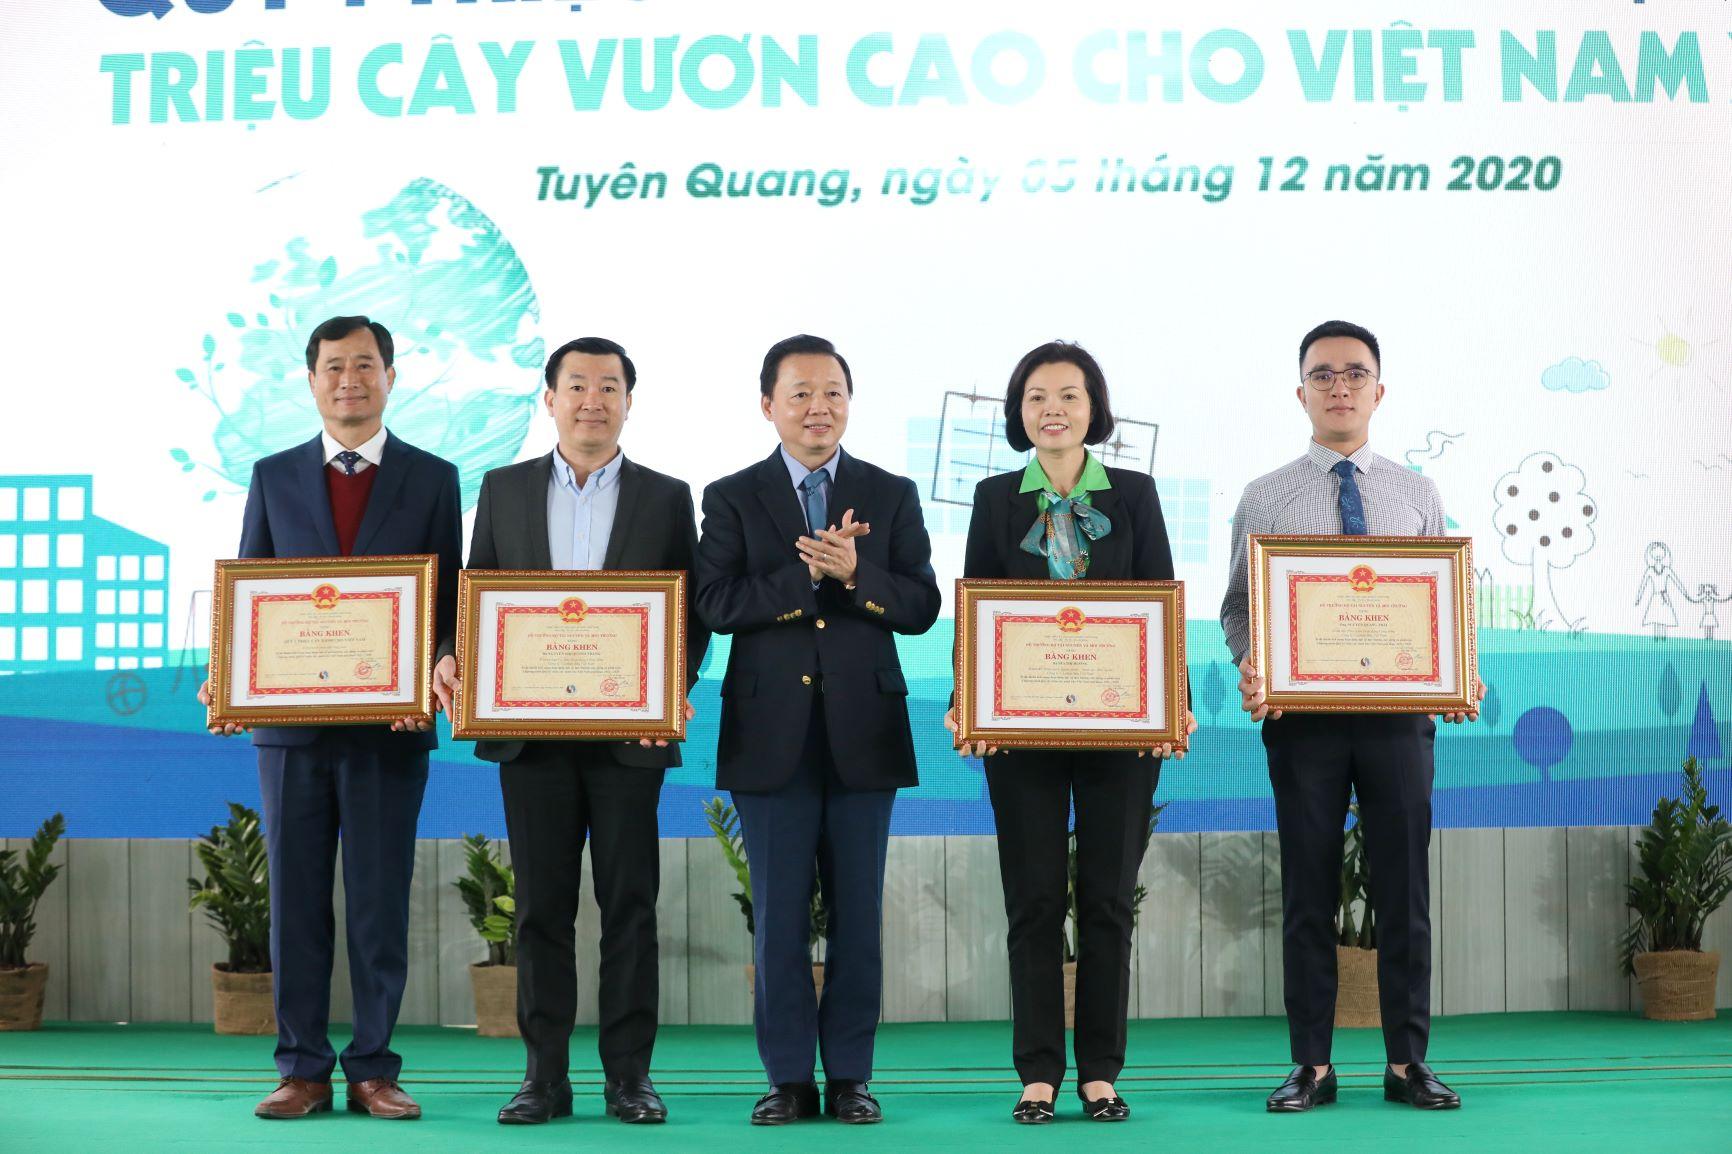 """Quỹ 1 triệu cây xanh cho Việt Nam của Vinamilk - Chương trình vì môi trường tạo được """"dấu ấn xanh"""" đặc biệt với cộng đồng 18"""